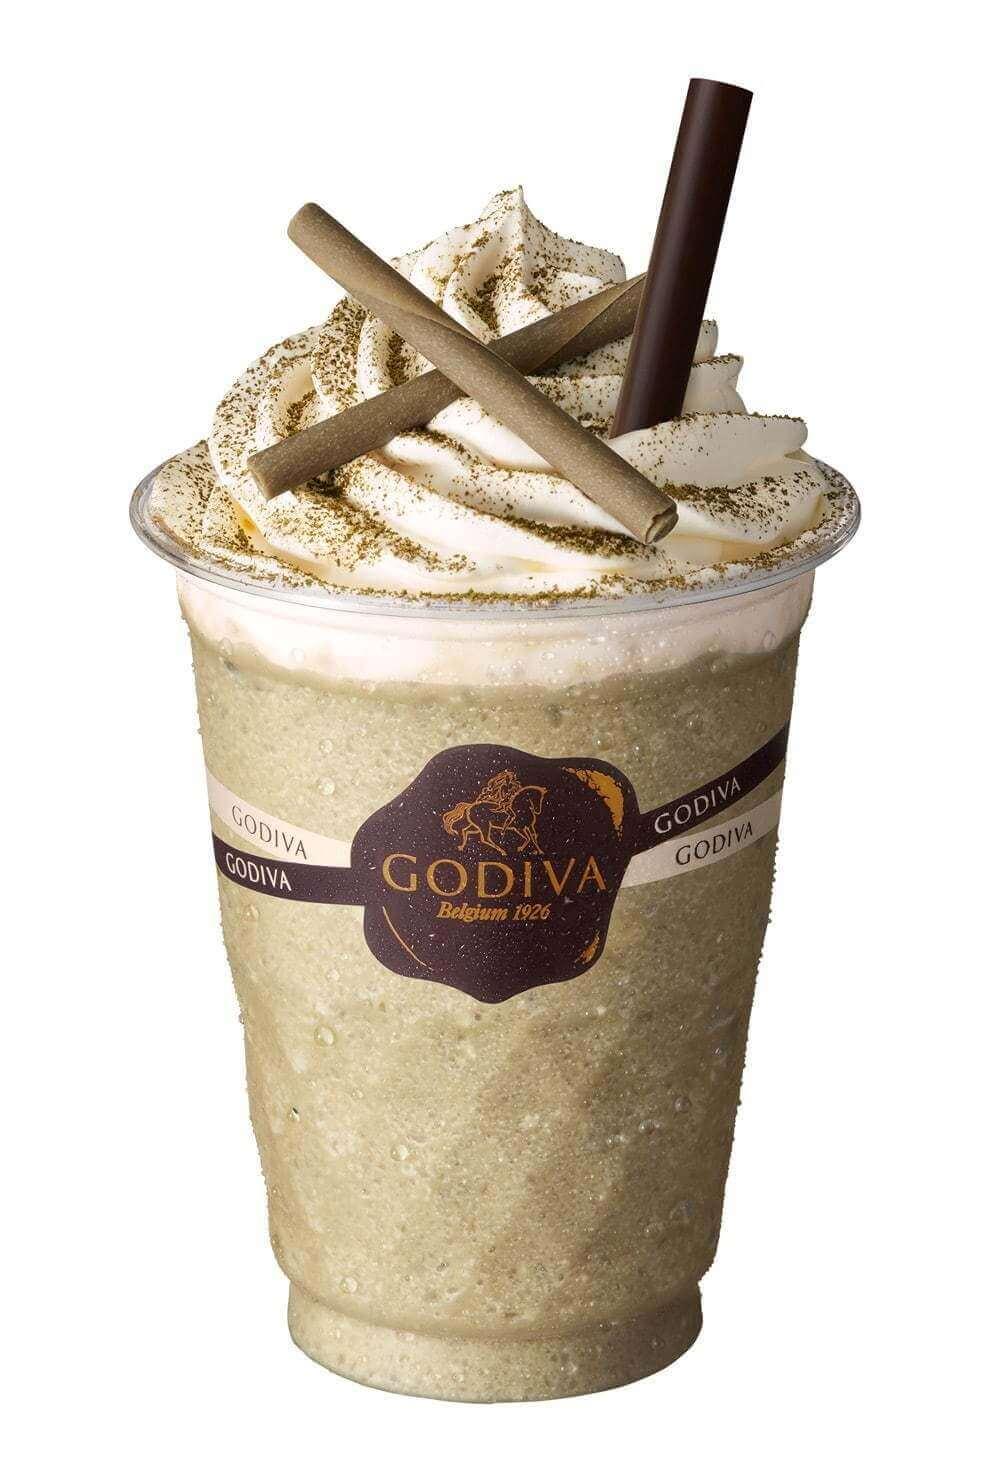 ゴディバの『ショコリキサー ホワイトチョコレート ほうじ茶』